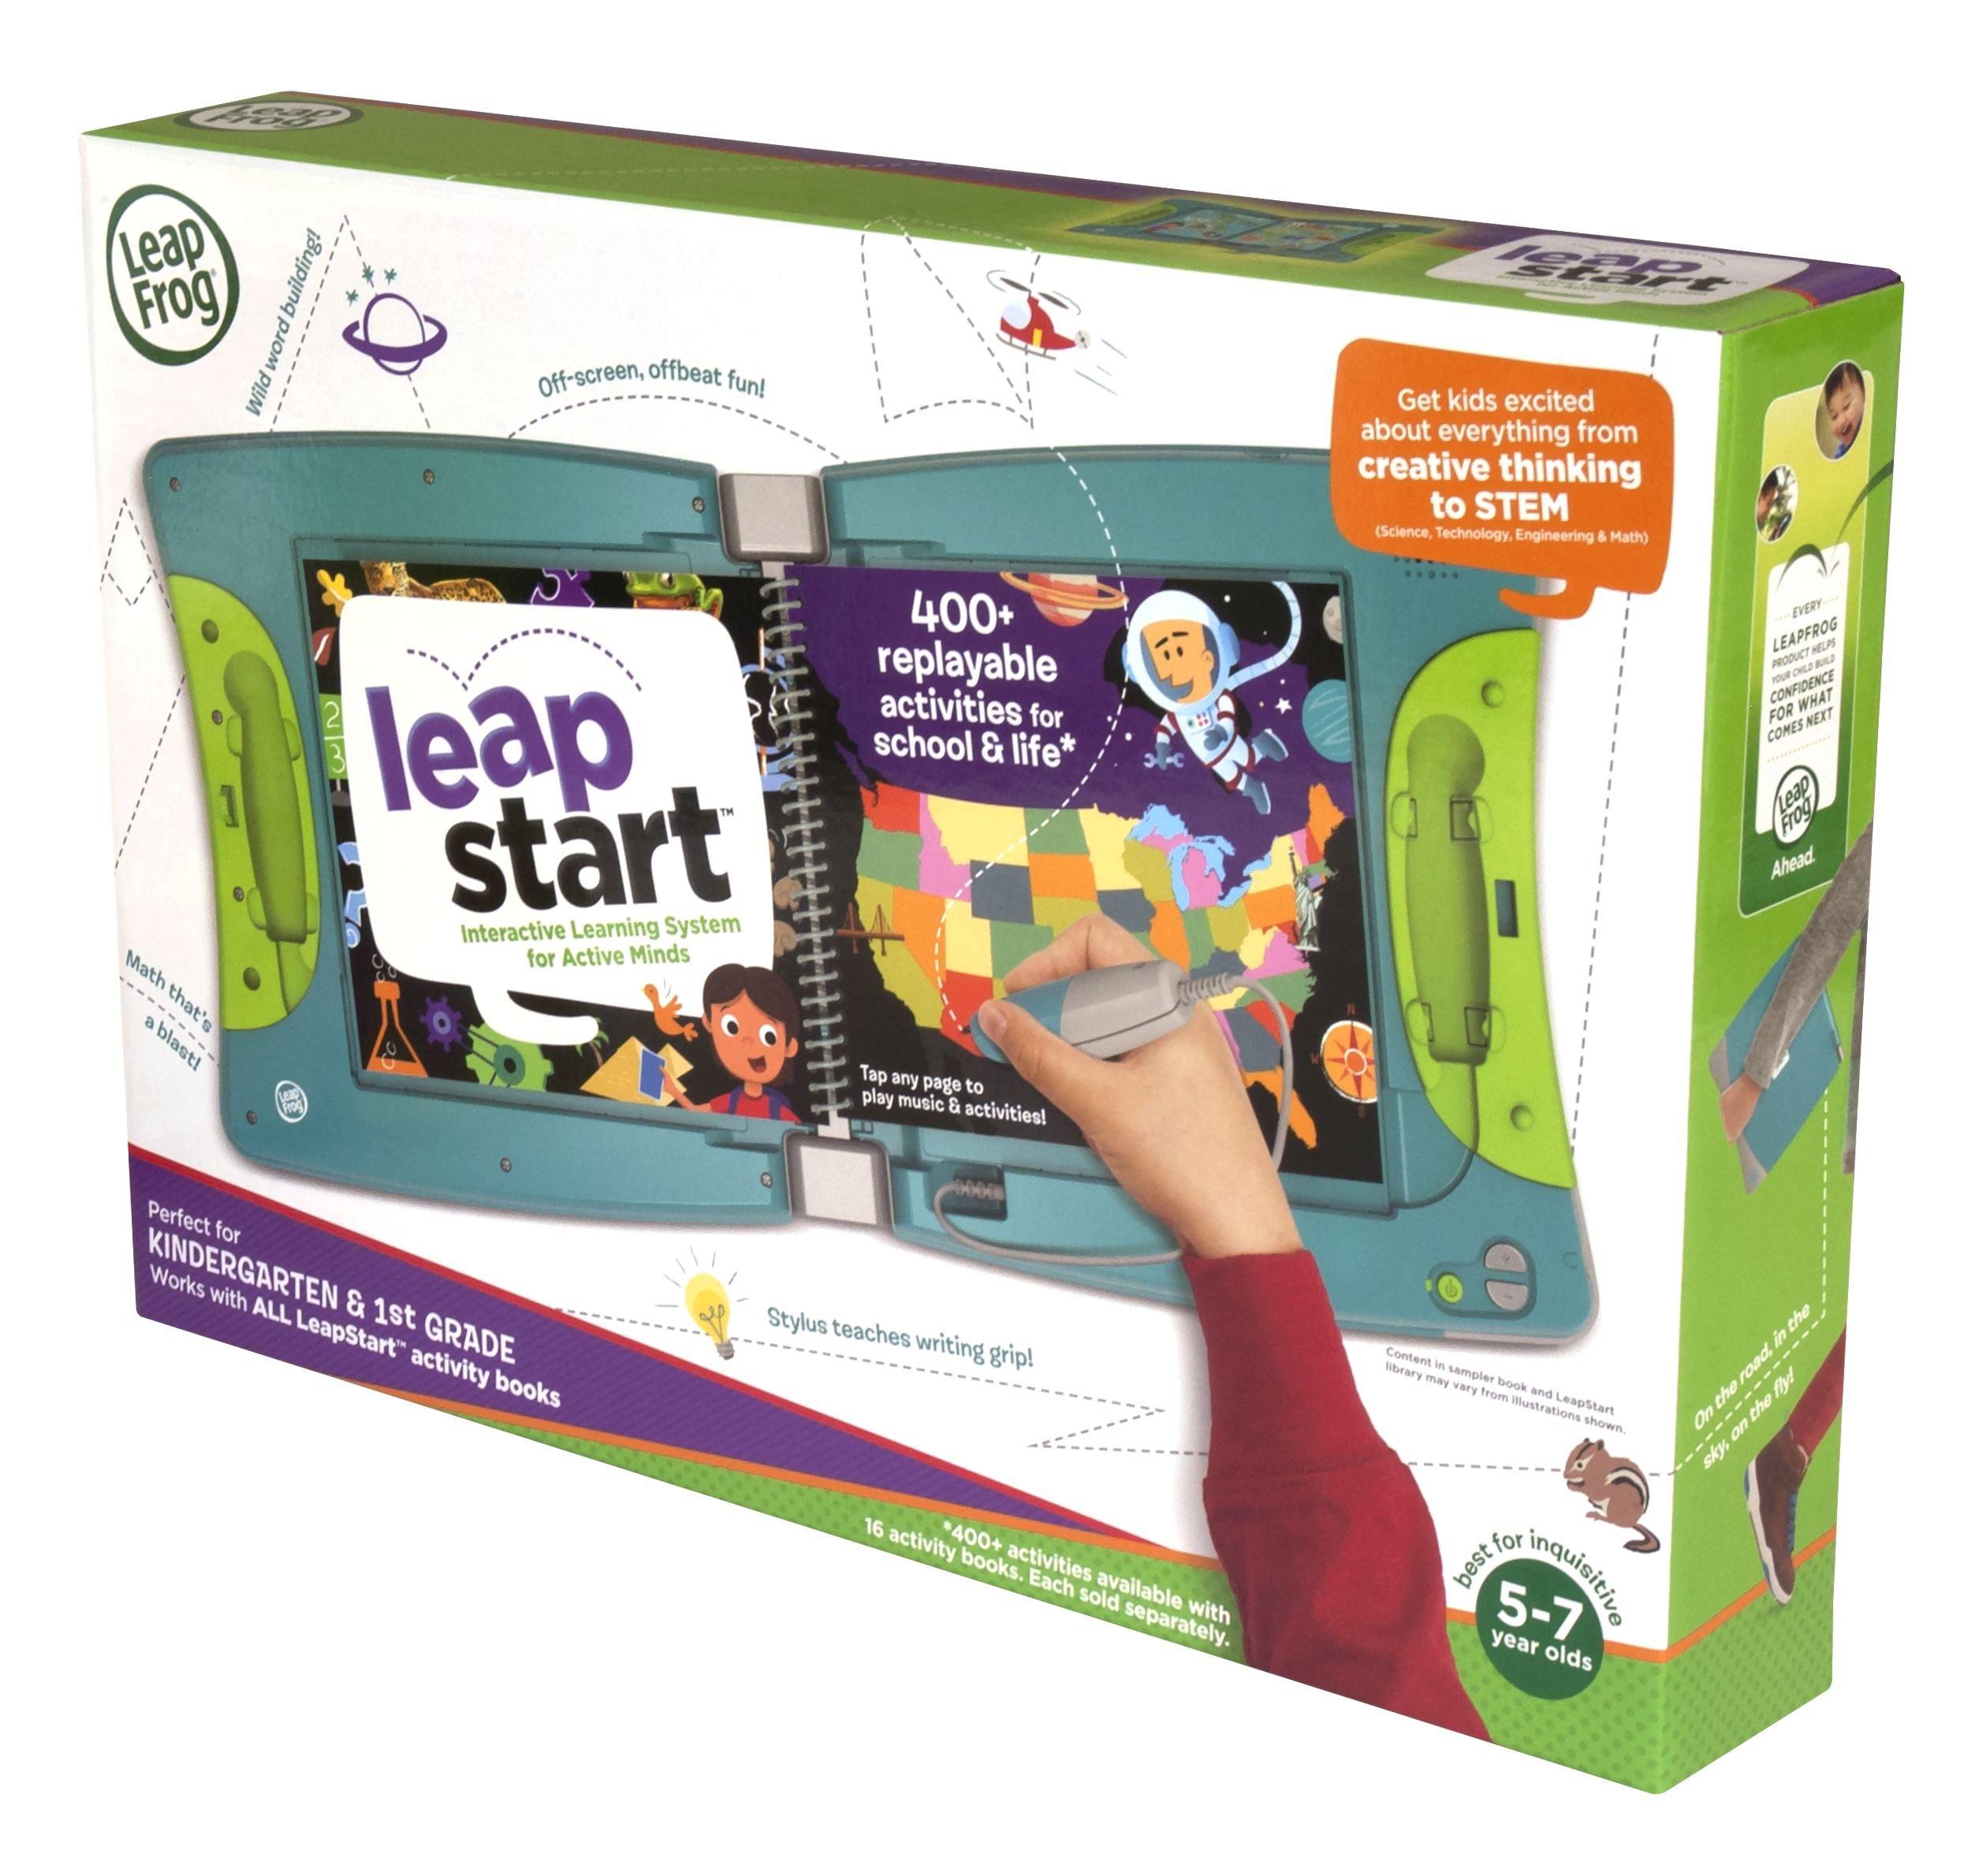 LeapFrog LeapStart Interactive Learning System for Kindergarten & 1st Grade by LeapFrog (Image #10)